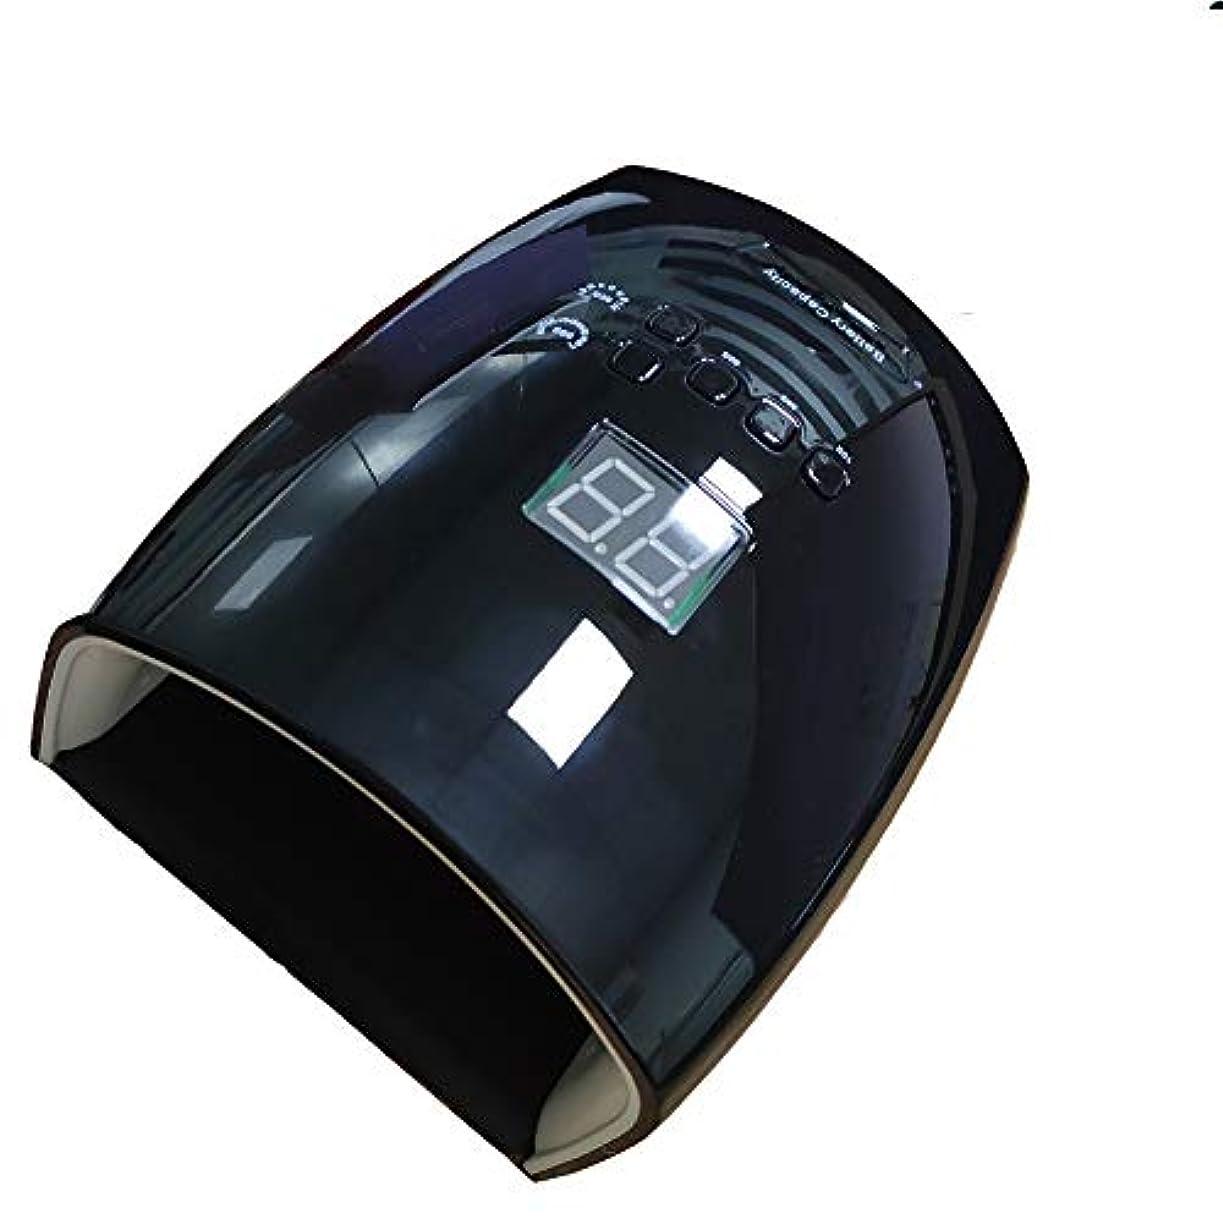 でまた欠点LEDネイルマシン、インテリジェント赤外線センサー多機能ネイル硬化機プロの美容ネイルポリッシャー、取り外し可能な高速乾燥ジェルマシン